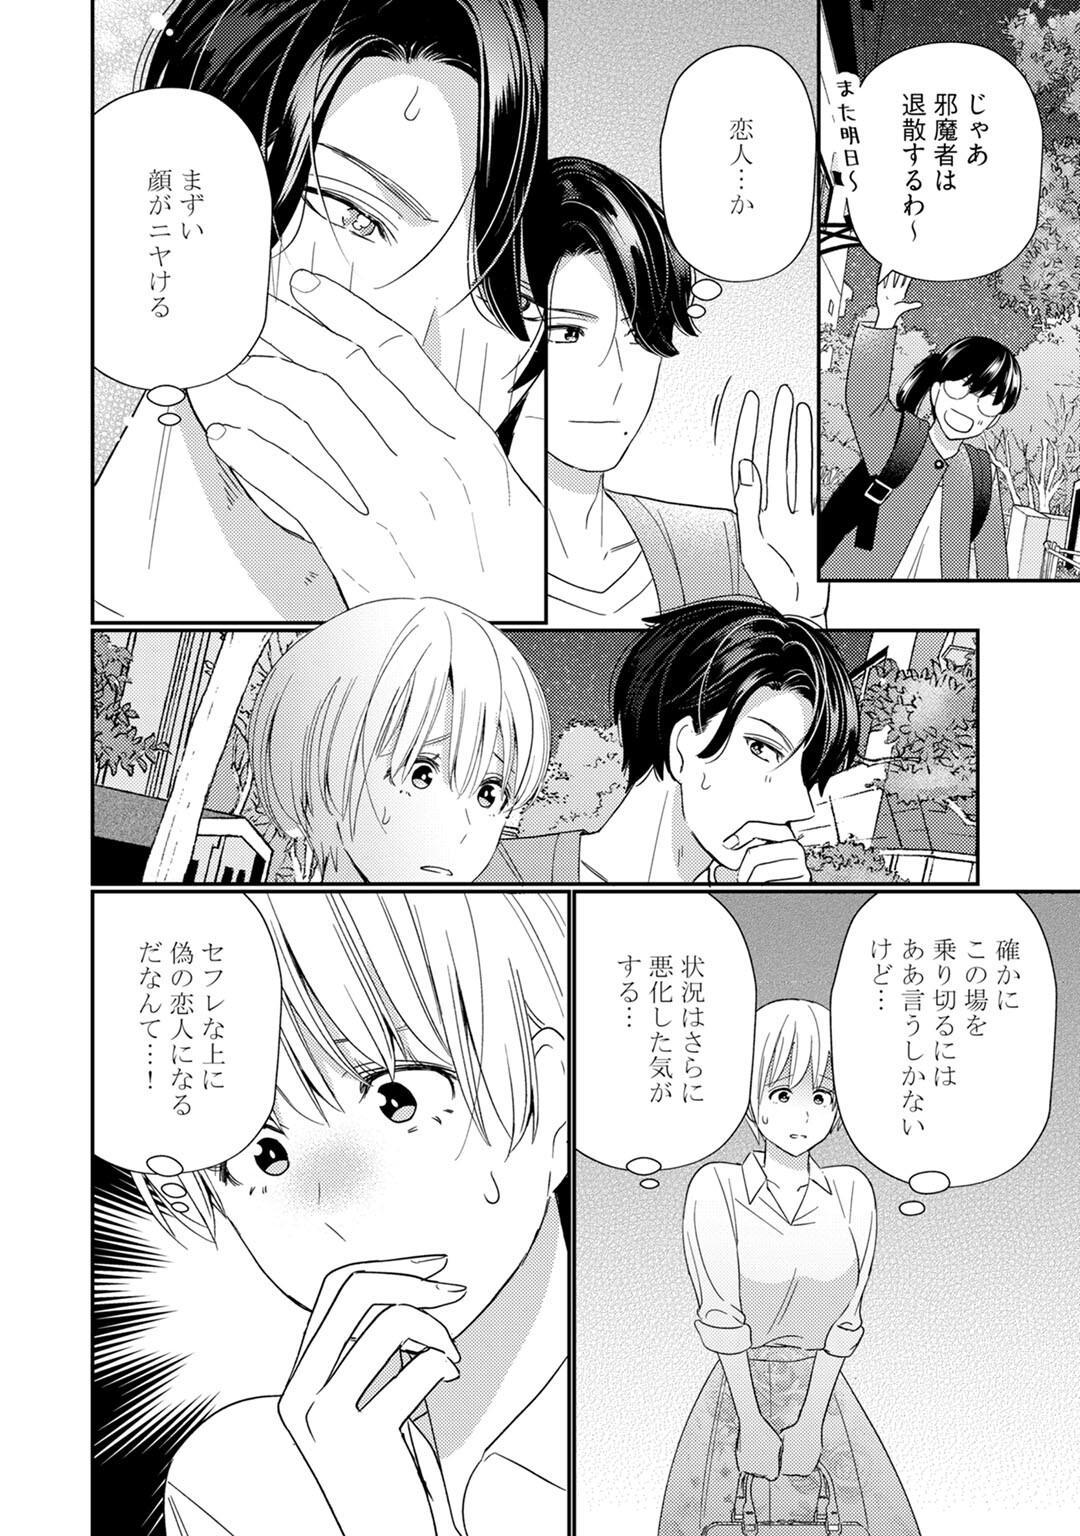 [Okonogi Happa] Kyonyuu-chan to Kyokon Joushi -Kaisha de Musabori Sex- act. 7 5